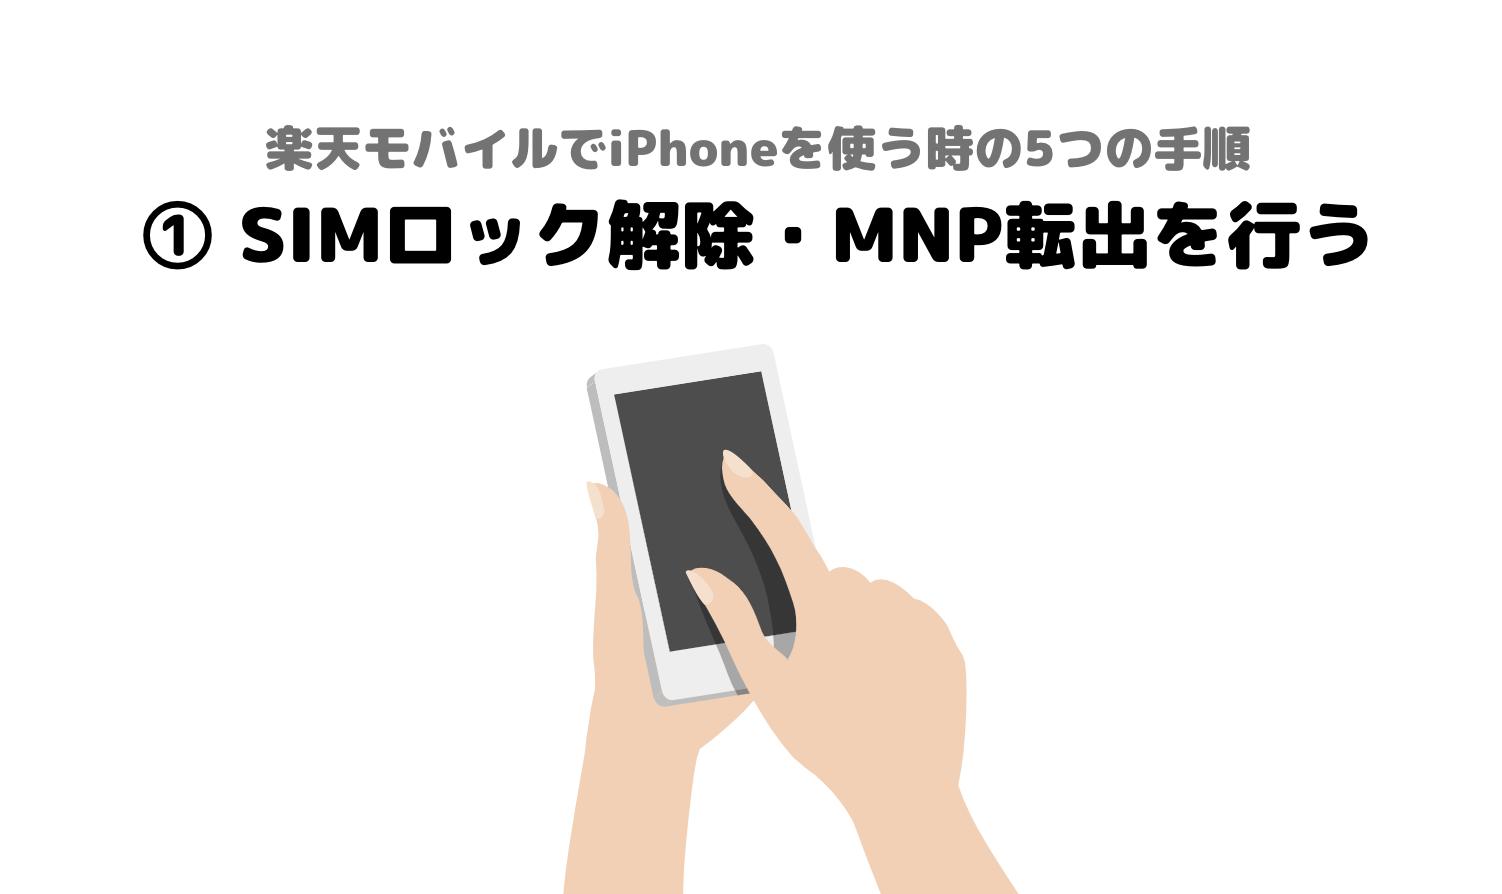 楽天モバイル_iphone_iPhone_iPad_申し込み方法_SIMロック解除_MNP転出